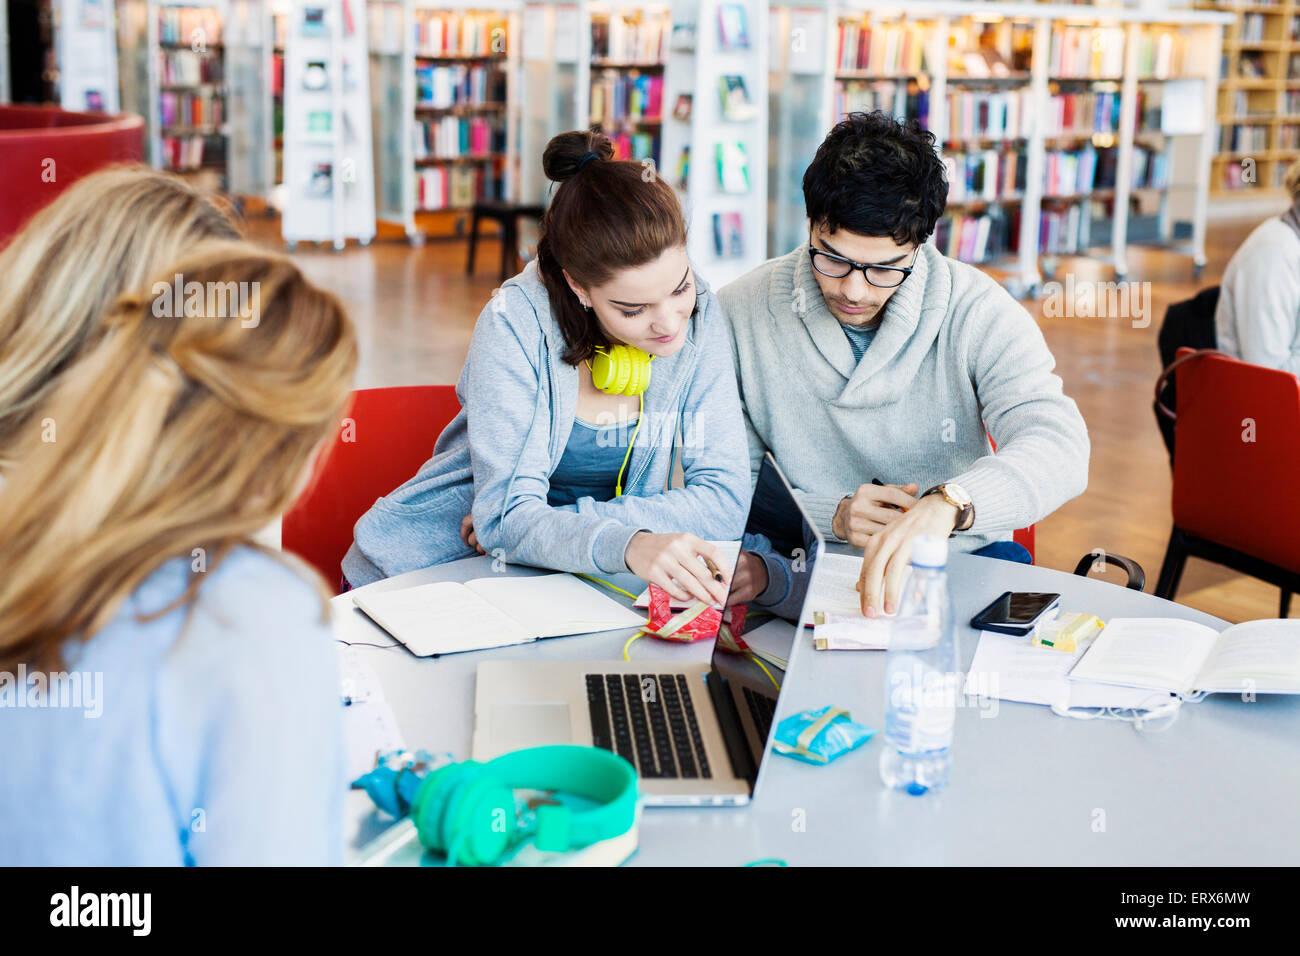 Multiethnische Freunde diskutieren Hinweise am Tisch in Bibliothek Stockbild